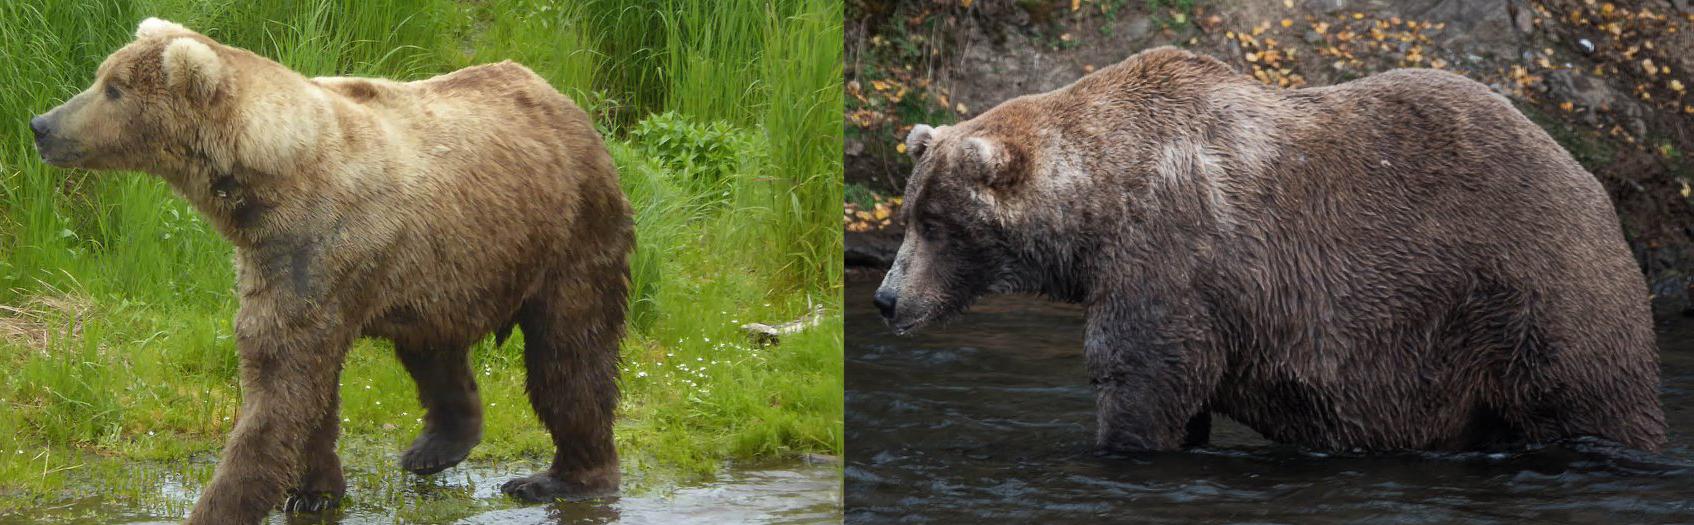 Otis brown bear fat